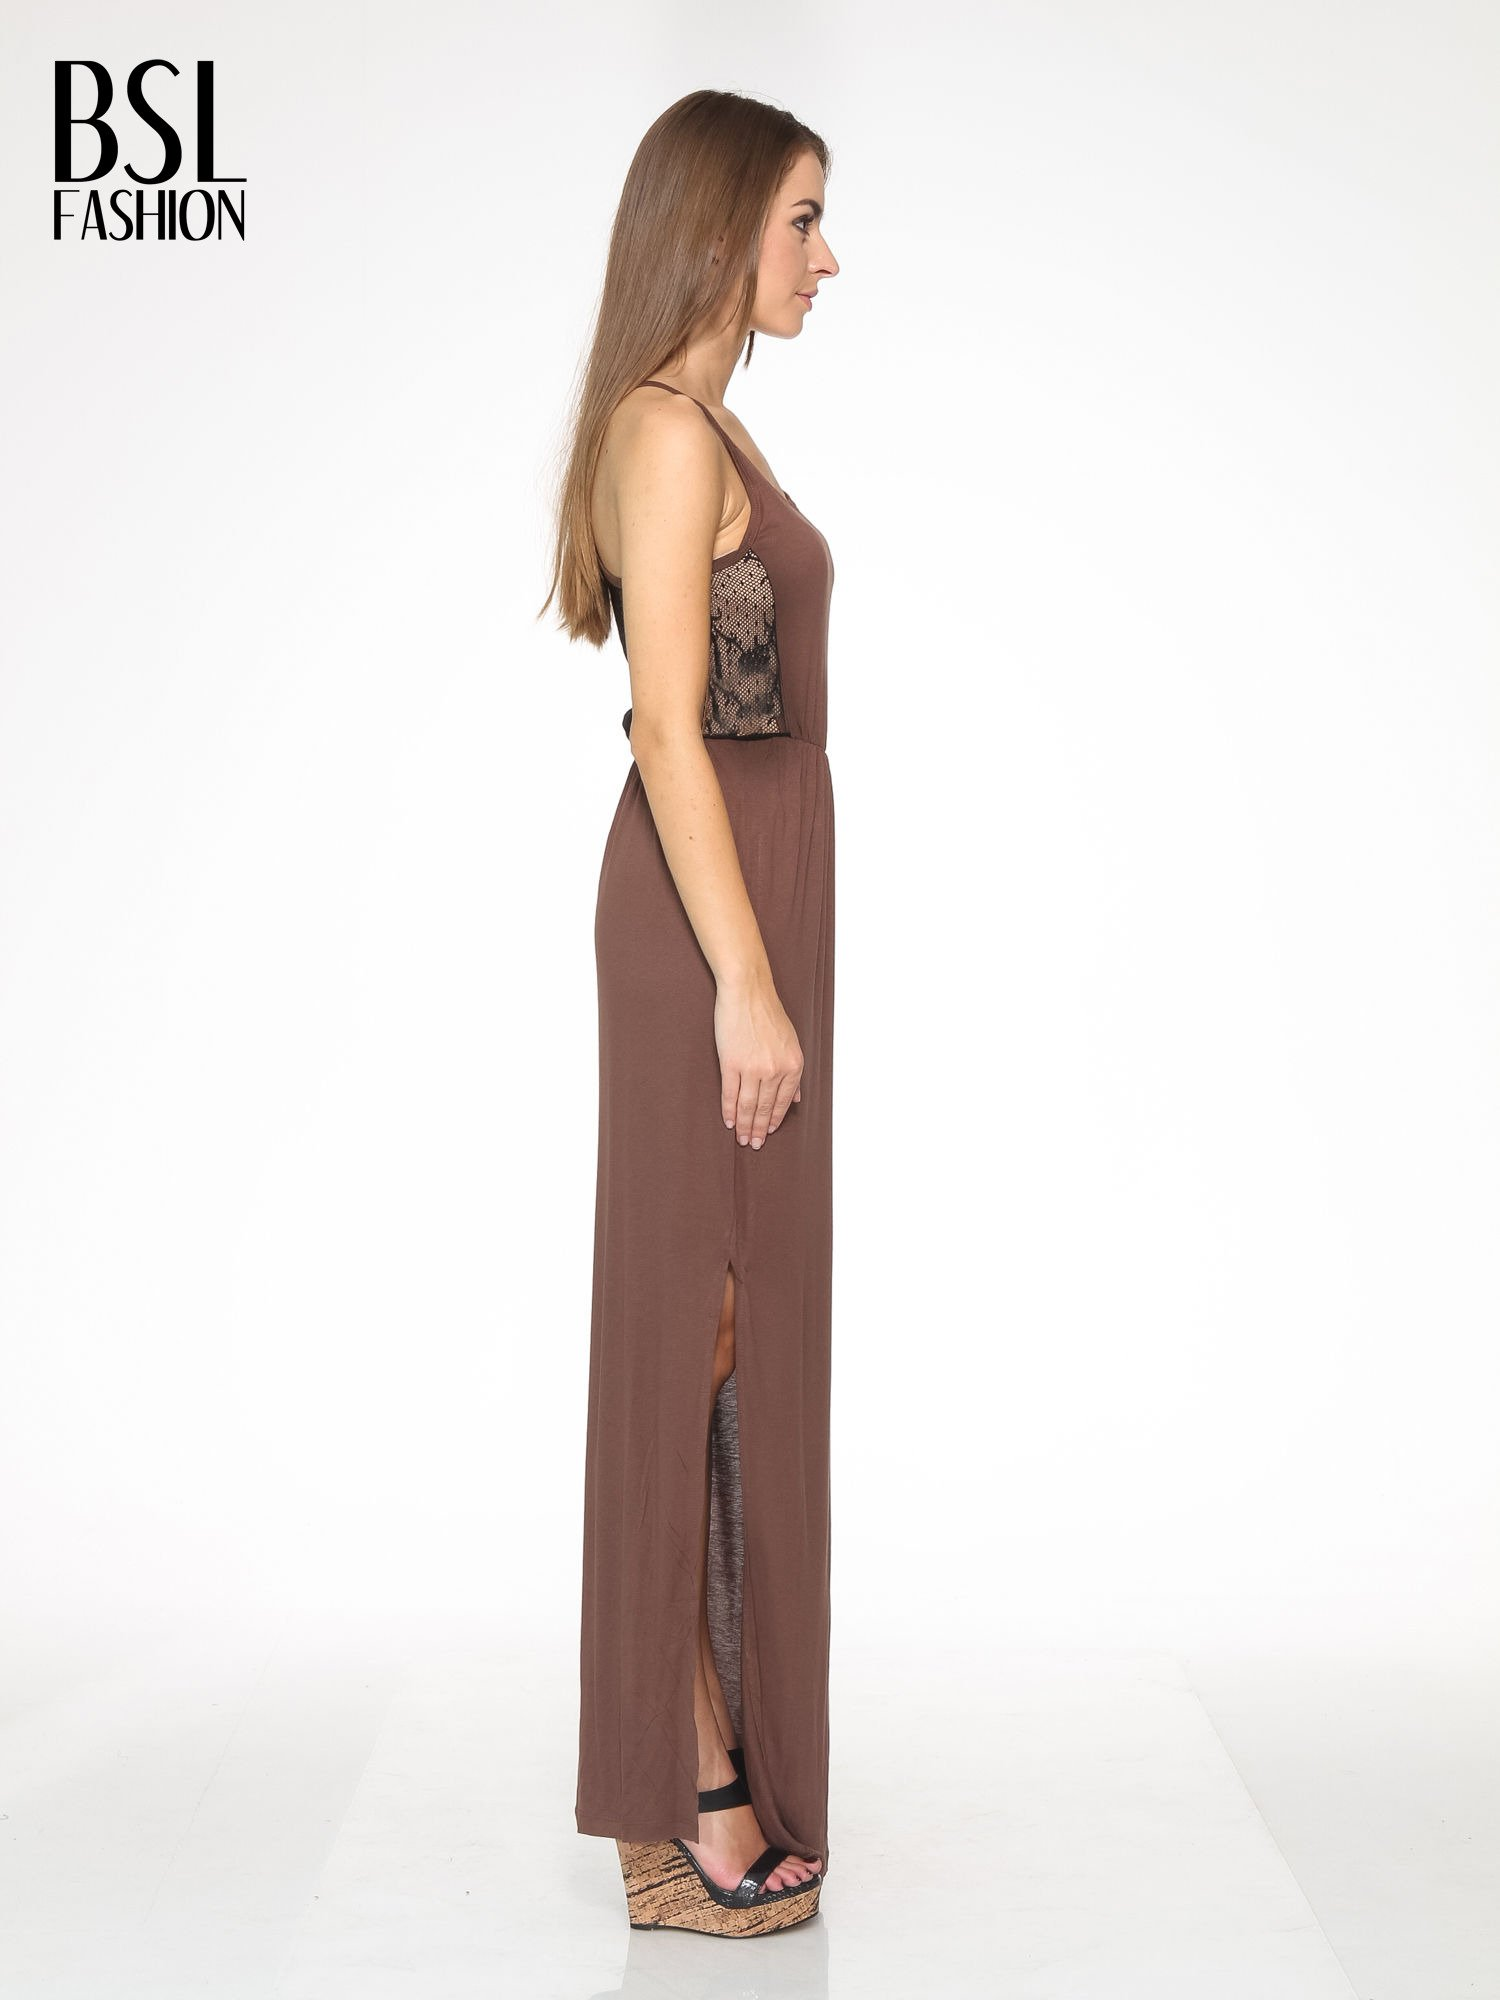 Brązowa sukienka maxi na ramiączkach z koronkowym tyłem                                  zdj.                                  3